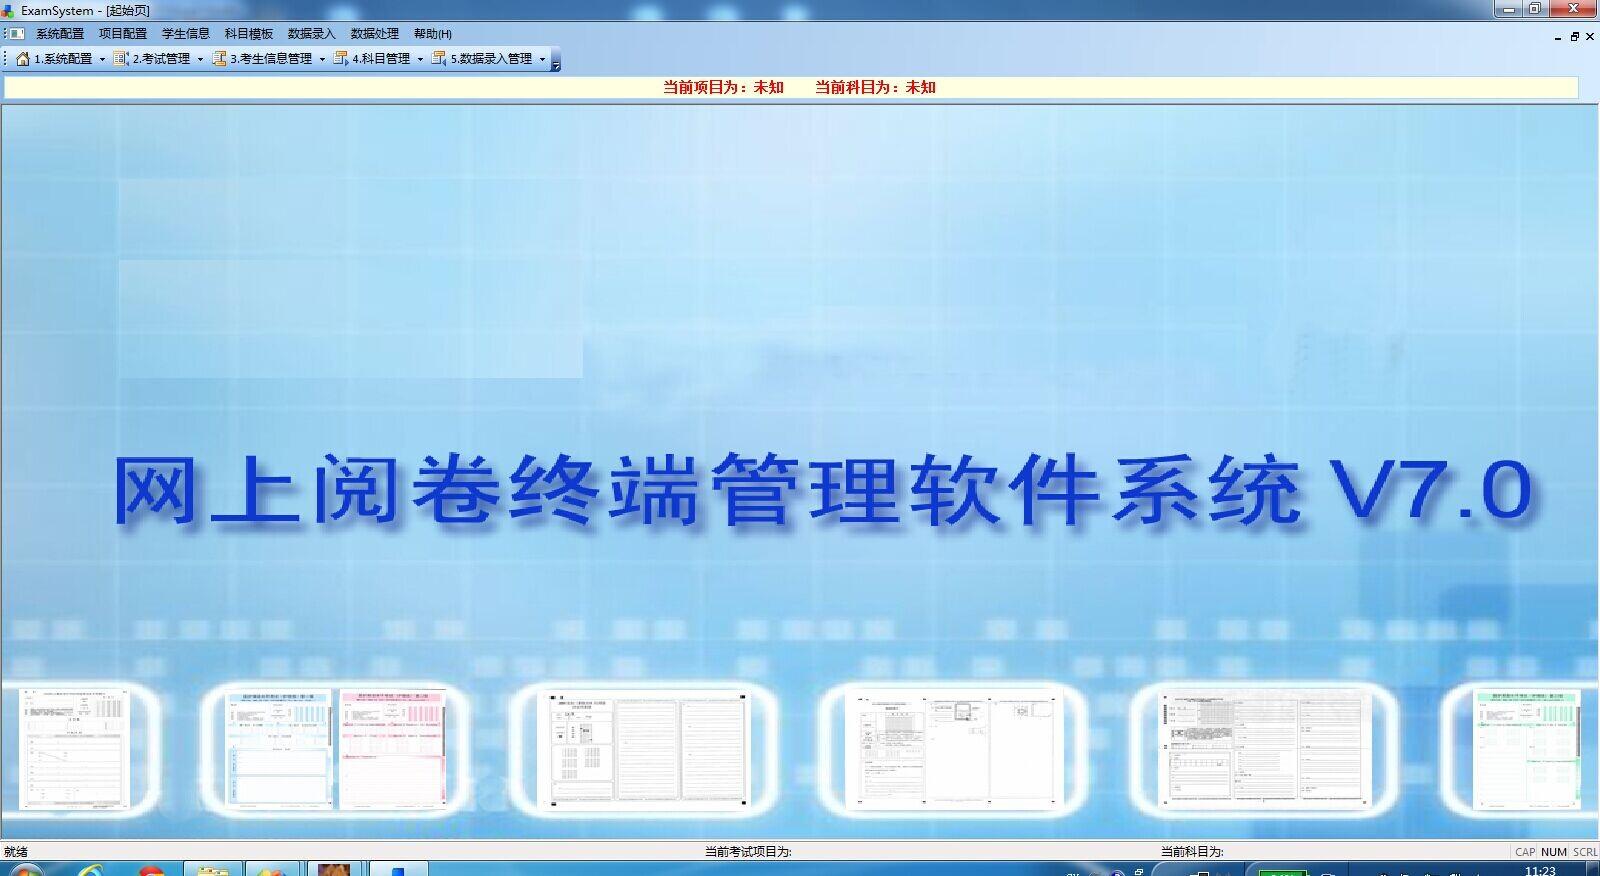 网上阅卷叶城县厂家本地 智能扫描网上阅卷系统